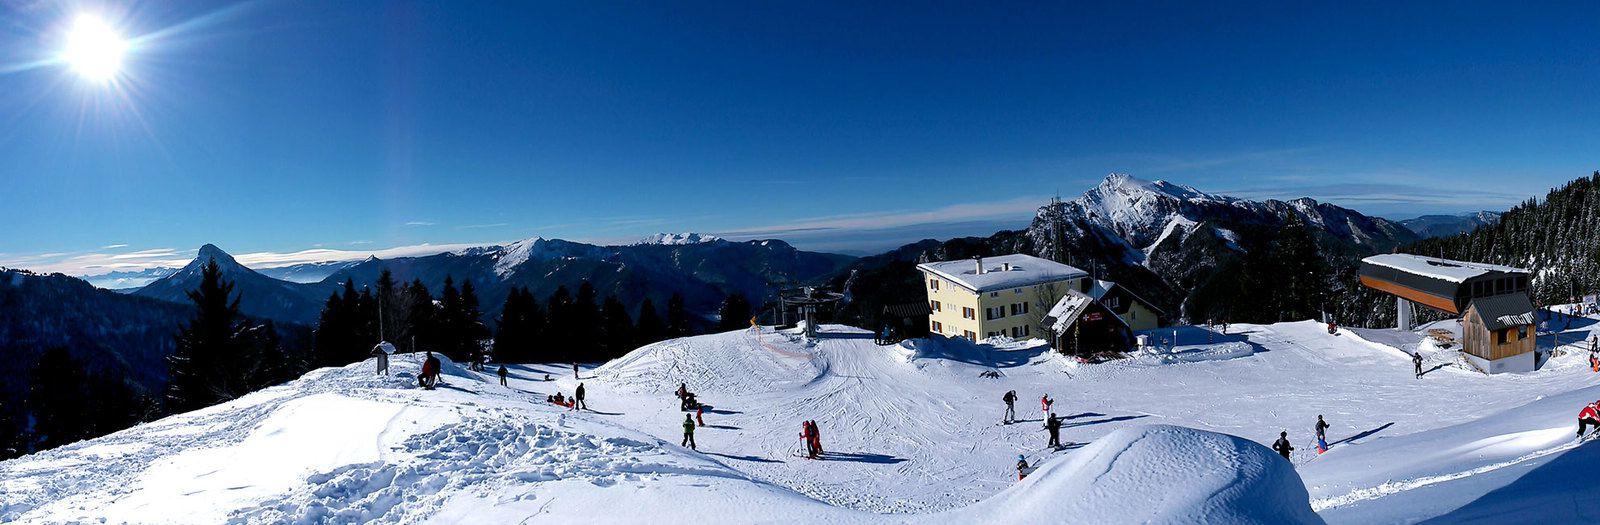 Réunion publique – Avenir du domaine skiable Saint-Pierre de Chartreuse/Le Planolet